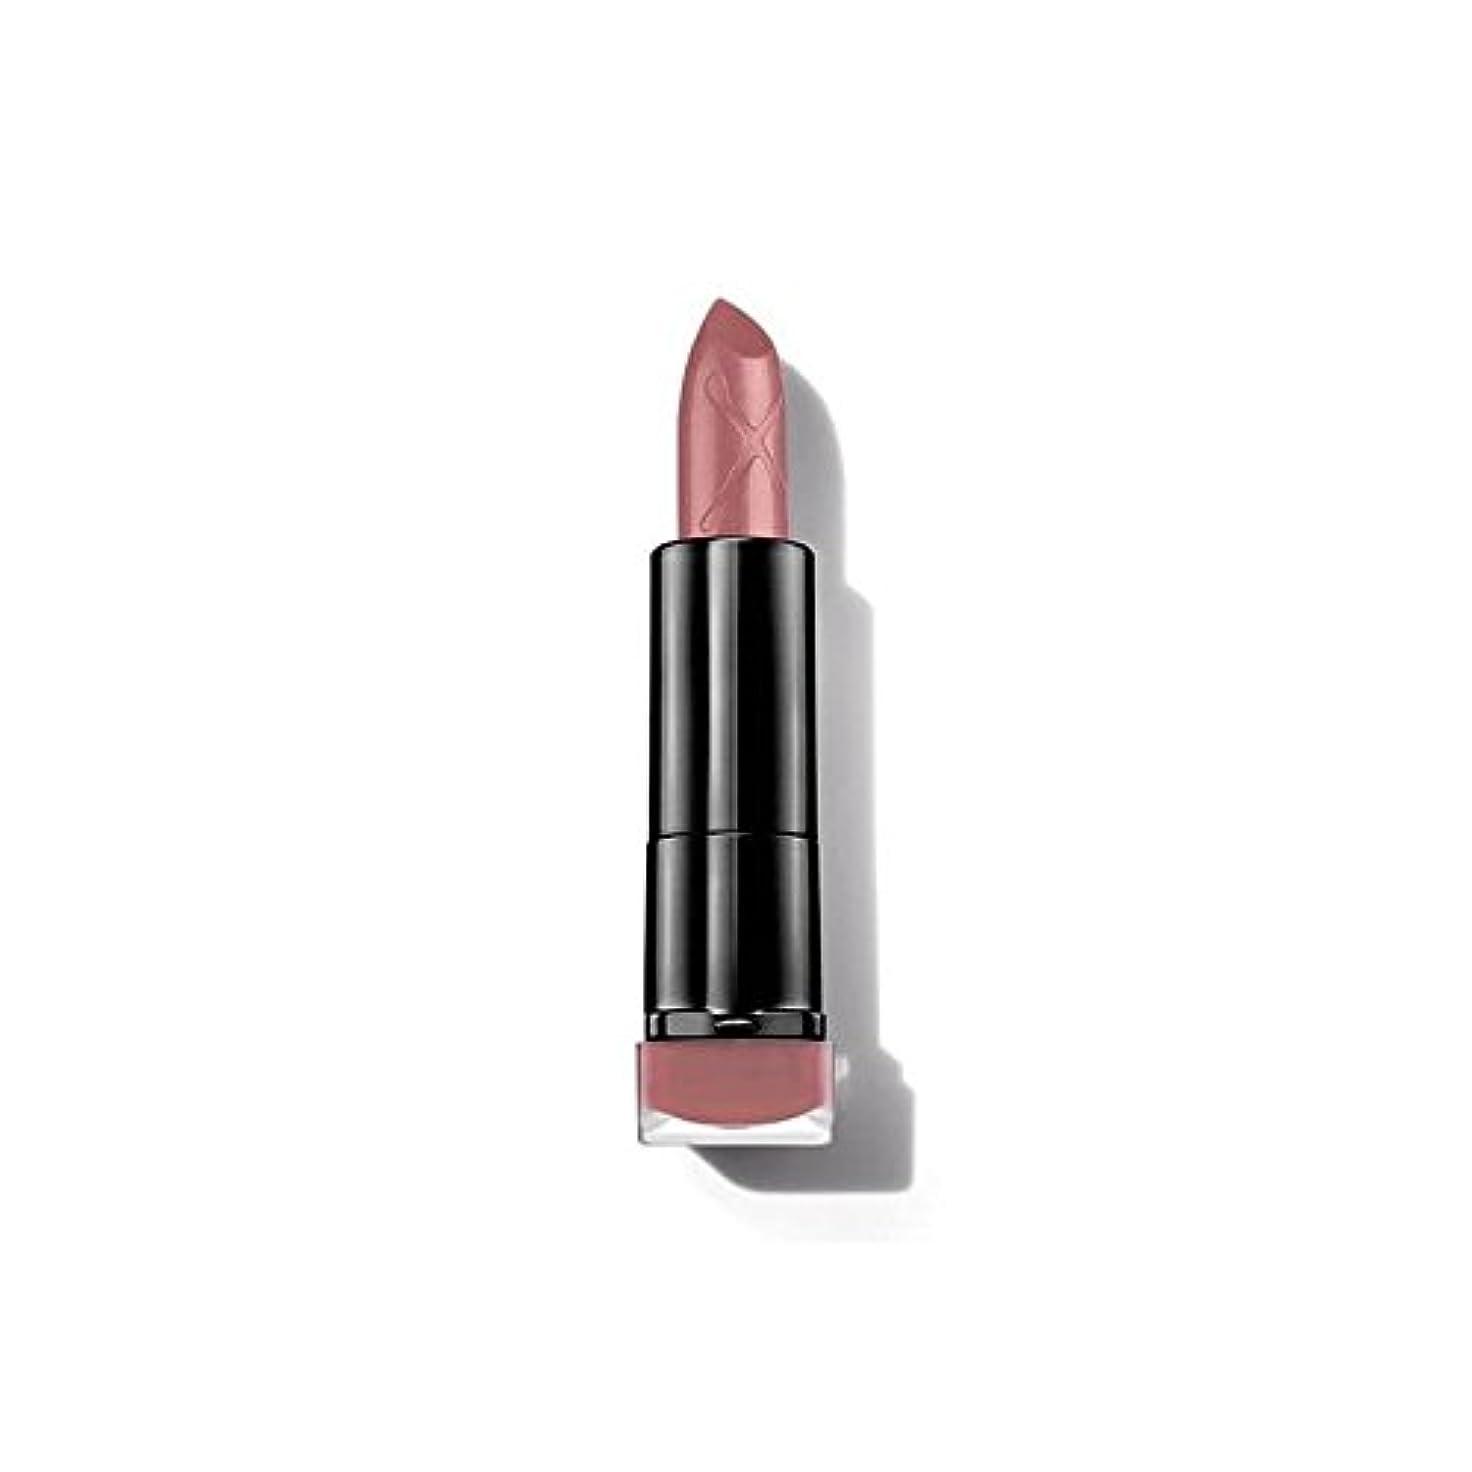 四半期心のこもった怒り05ヌードマックスファクターカラーエリキシルマット弾丸口紅 x2 - Max Factor Colour Elixir Matte Bullet Lipstick Nude 05 (Pack of 2) [並行輸入品]